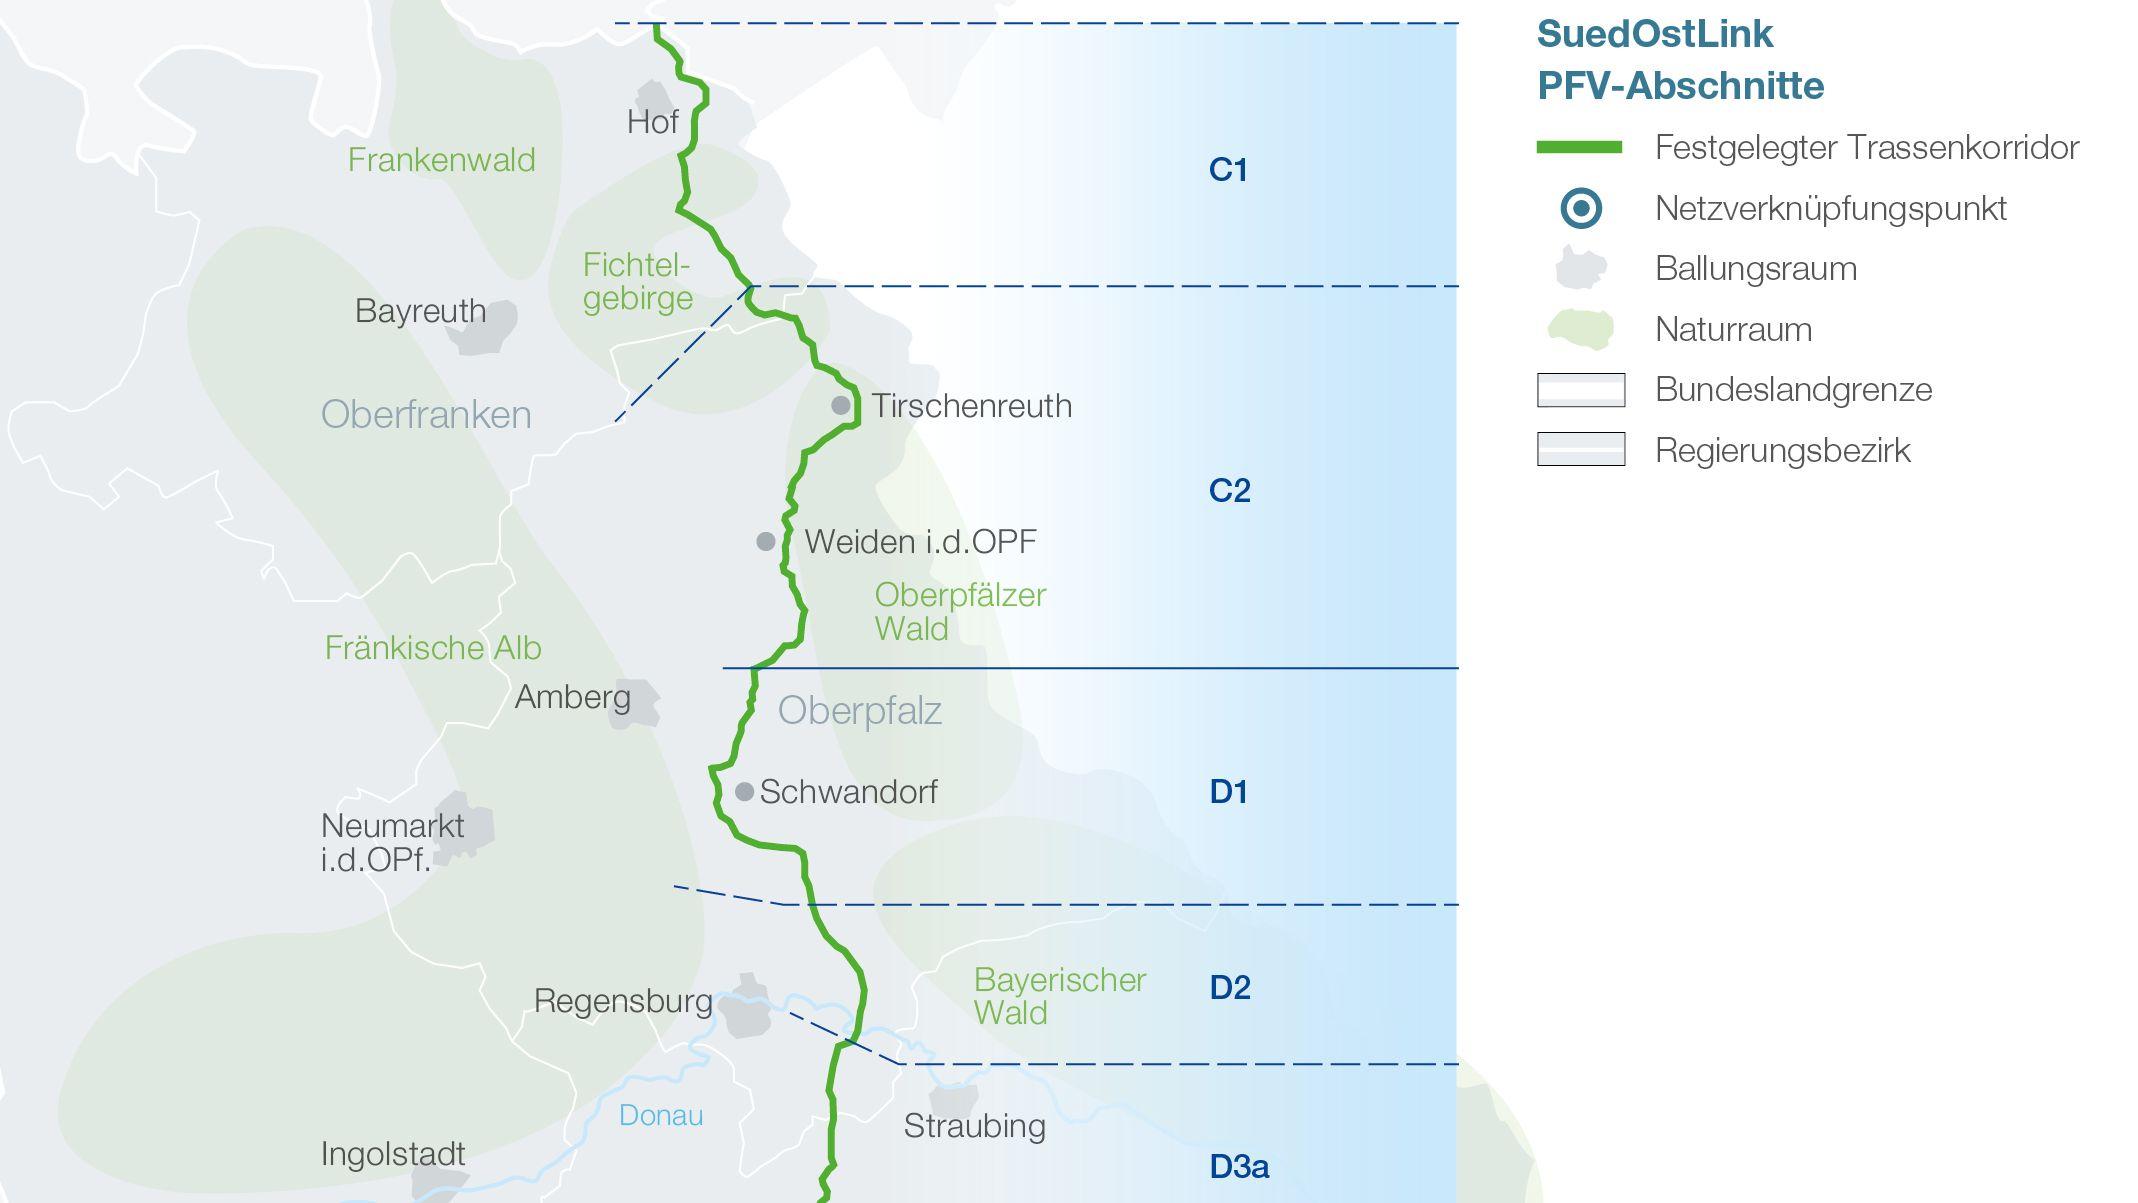 Die Gleichstromleitung soll auf einer Länge von mehr als 200 Kilometern durch die gesamte Oberpfalz und das westliche Niederbayern führen.